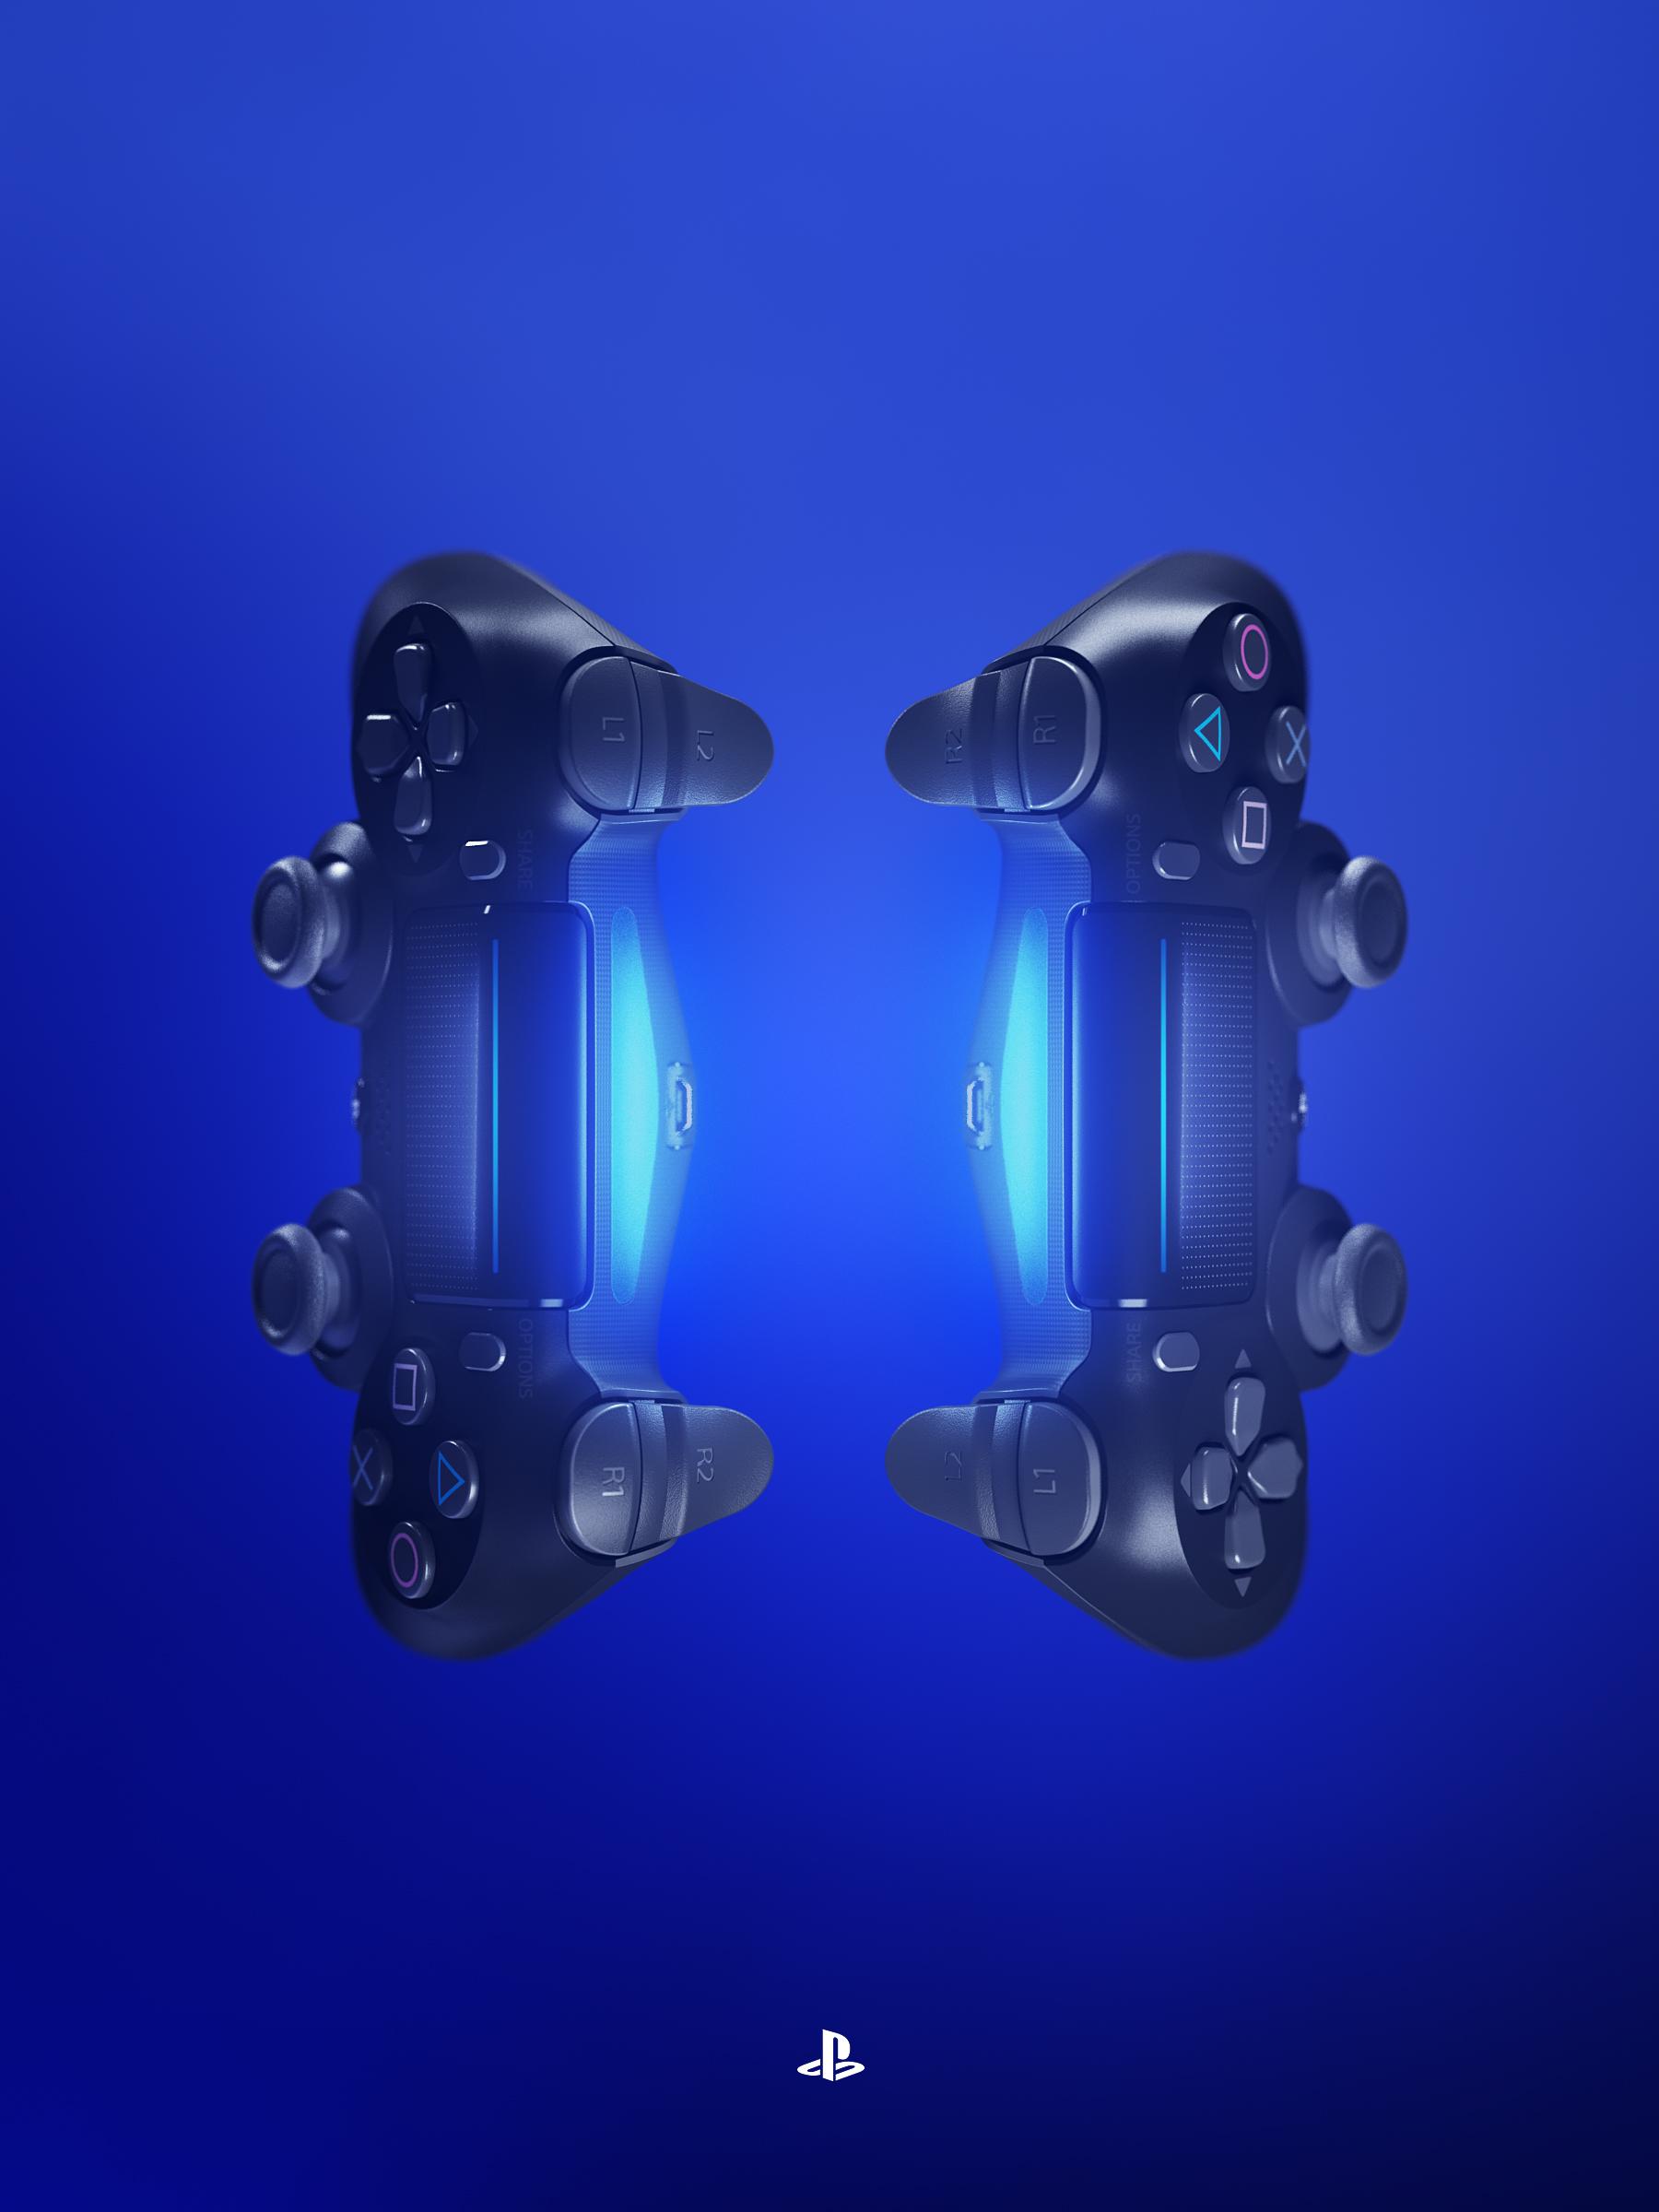 PUN_design_DS4_Symmetry_v002.jpg